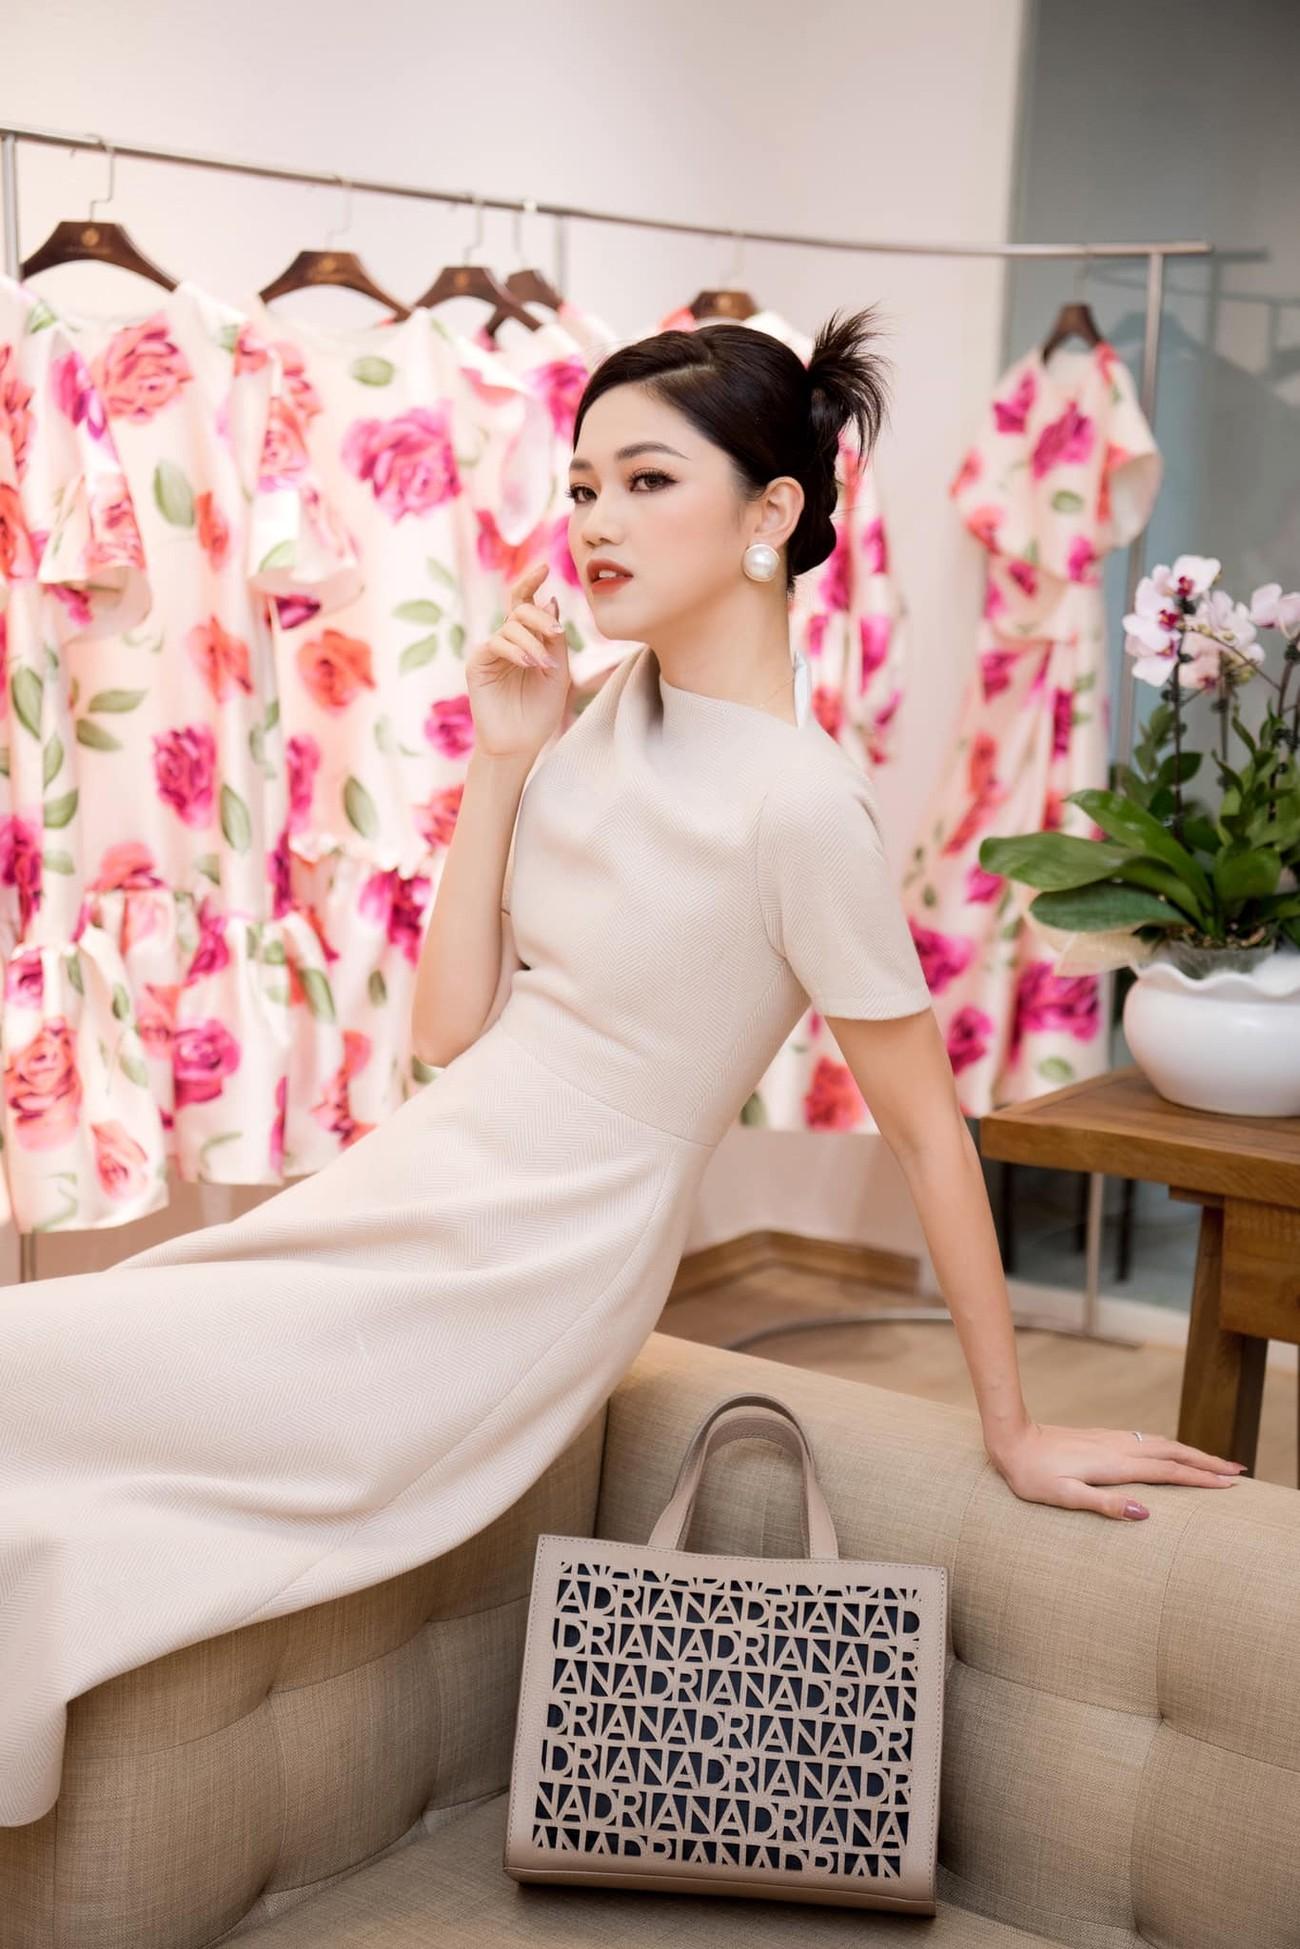 Hoa hậu Đỗ Thị Hà để mặt mộc vẫn đẹp rạng rỡ, H'hen Niê hoá 'nàng Xuân' với áo tứ thân ảnh 12